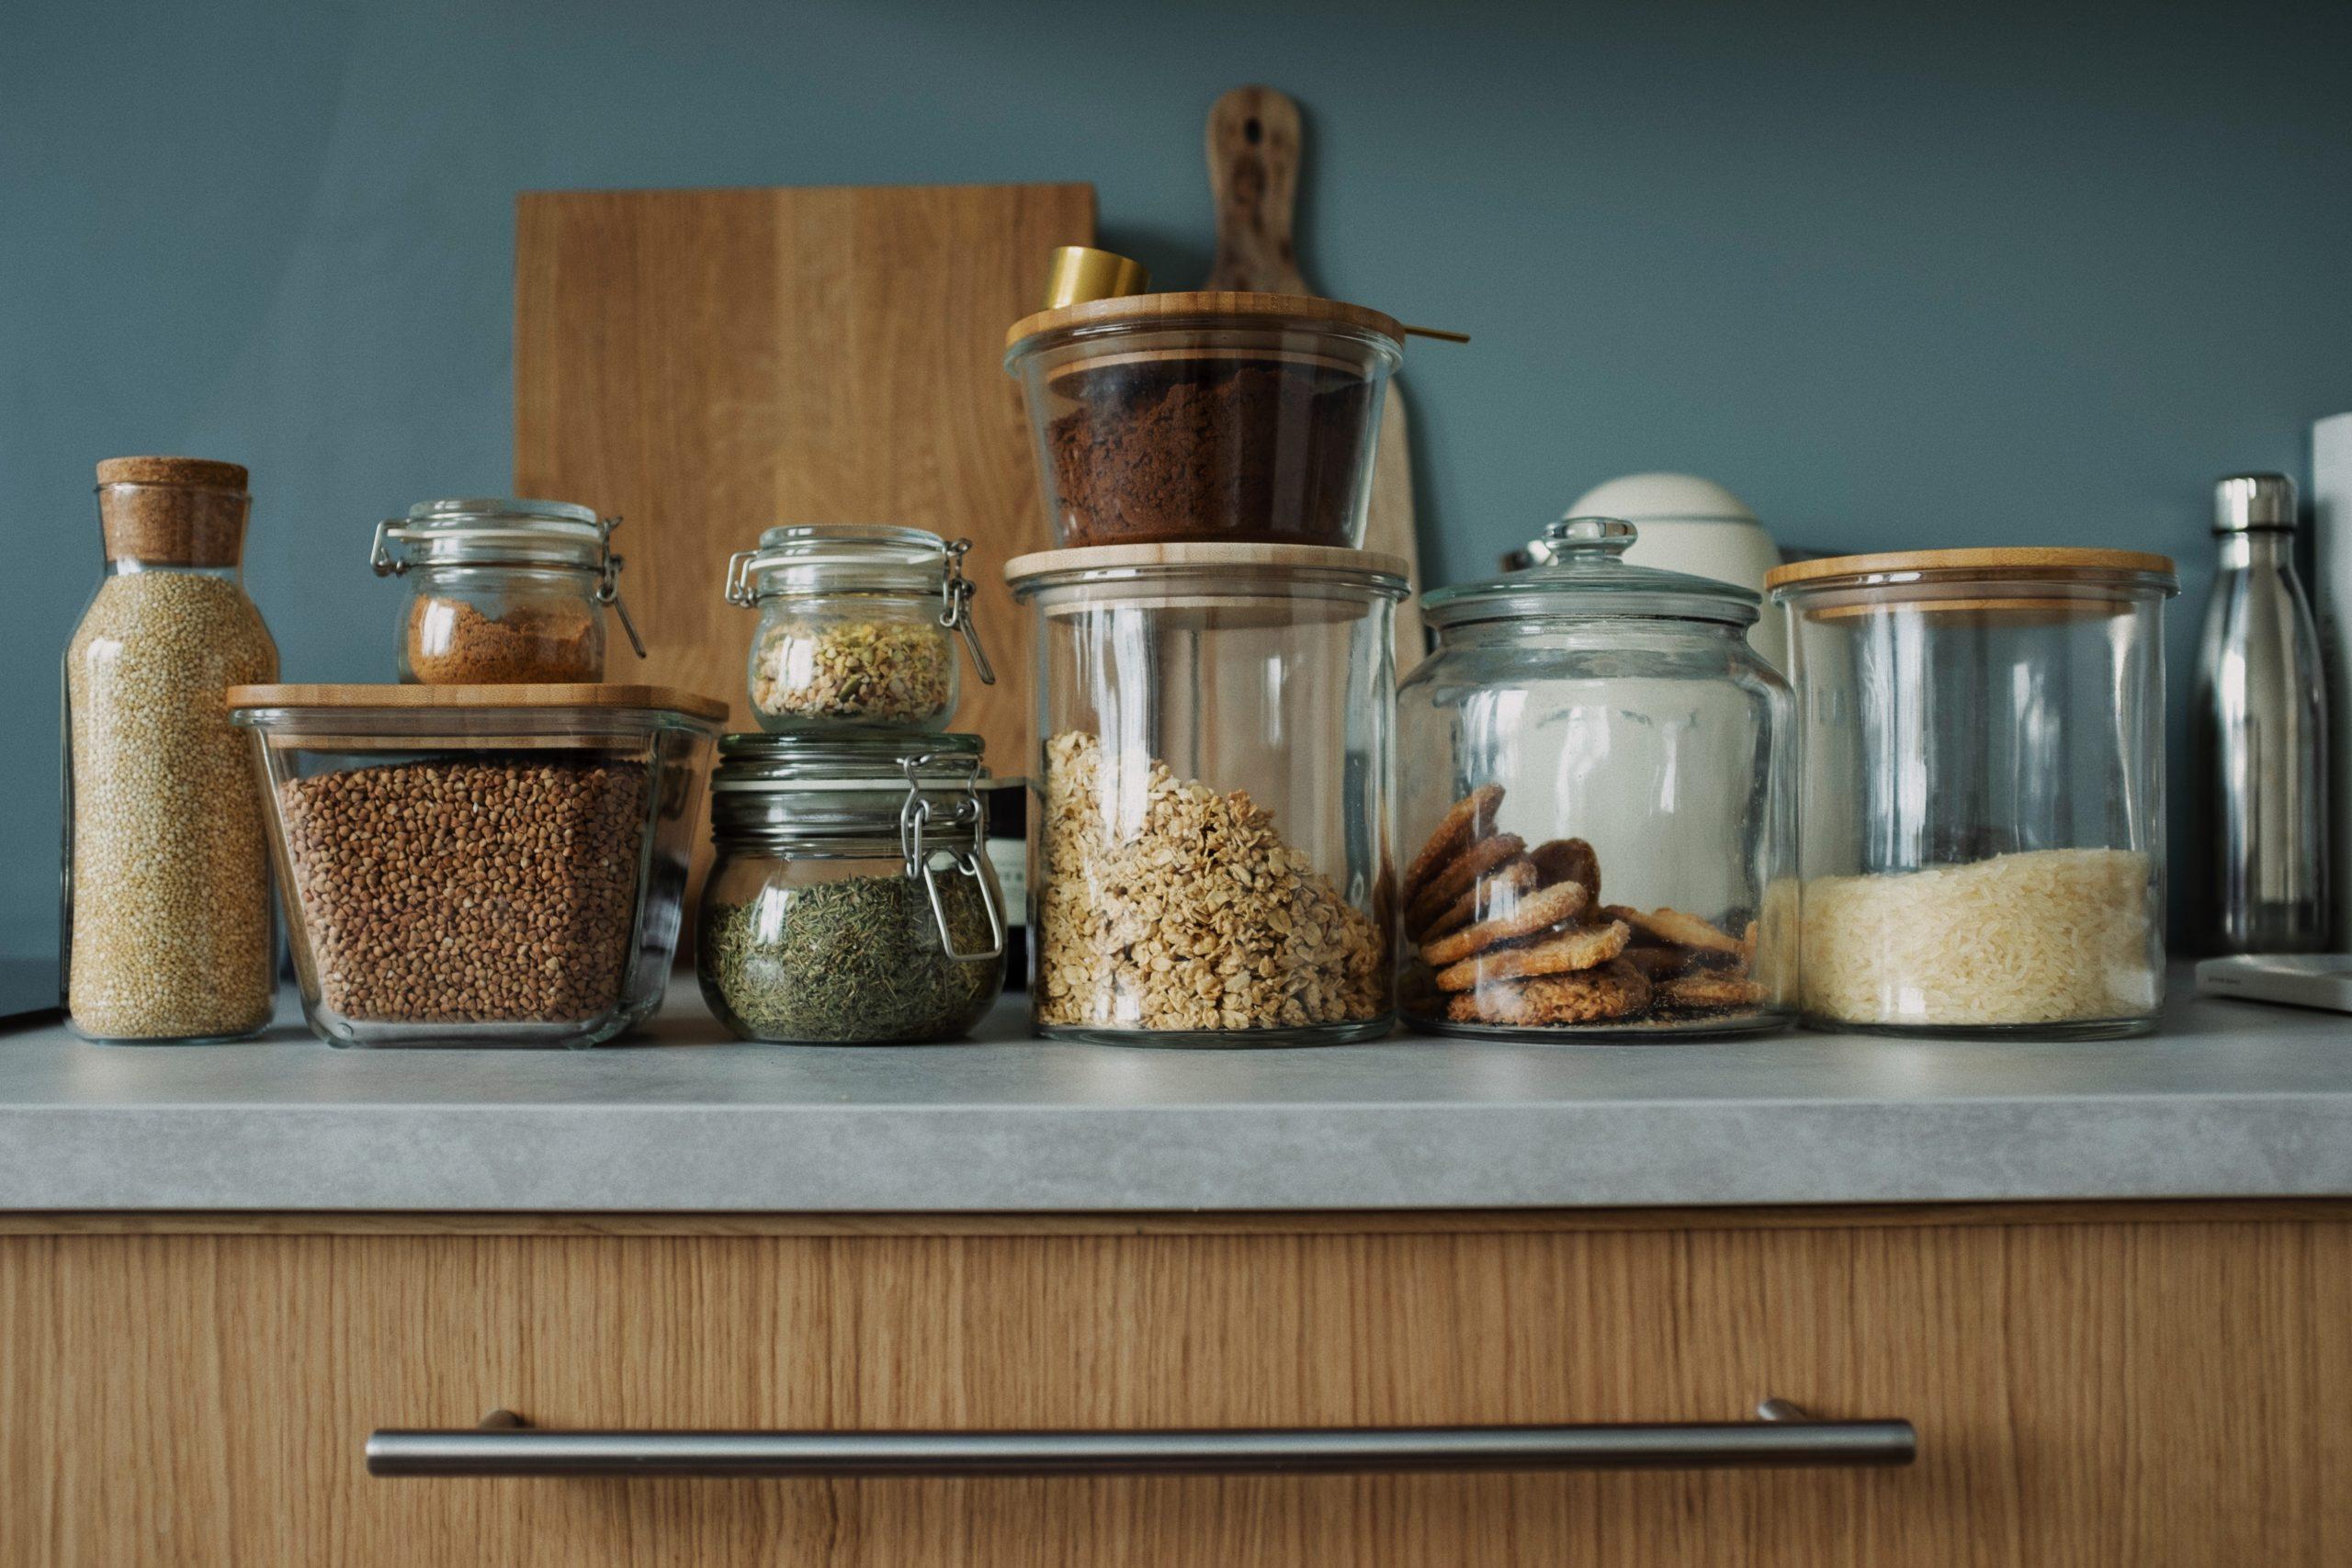 Tanie akcesoria kuchenne – jakie akcesoria warto mieć